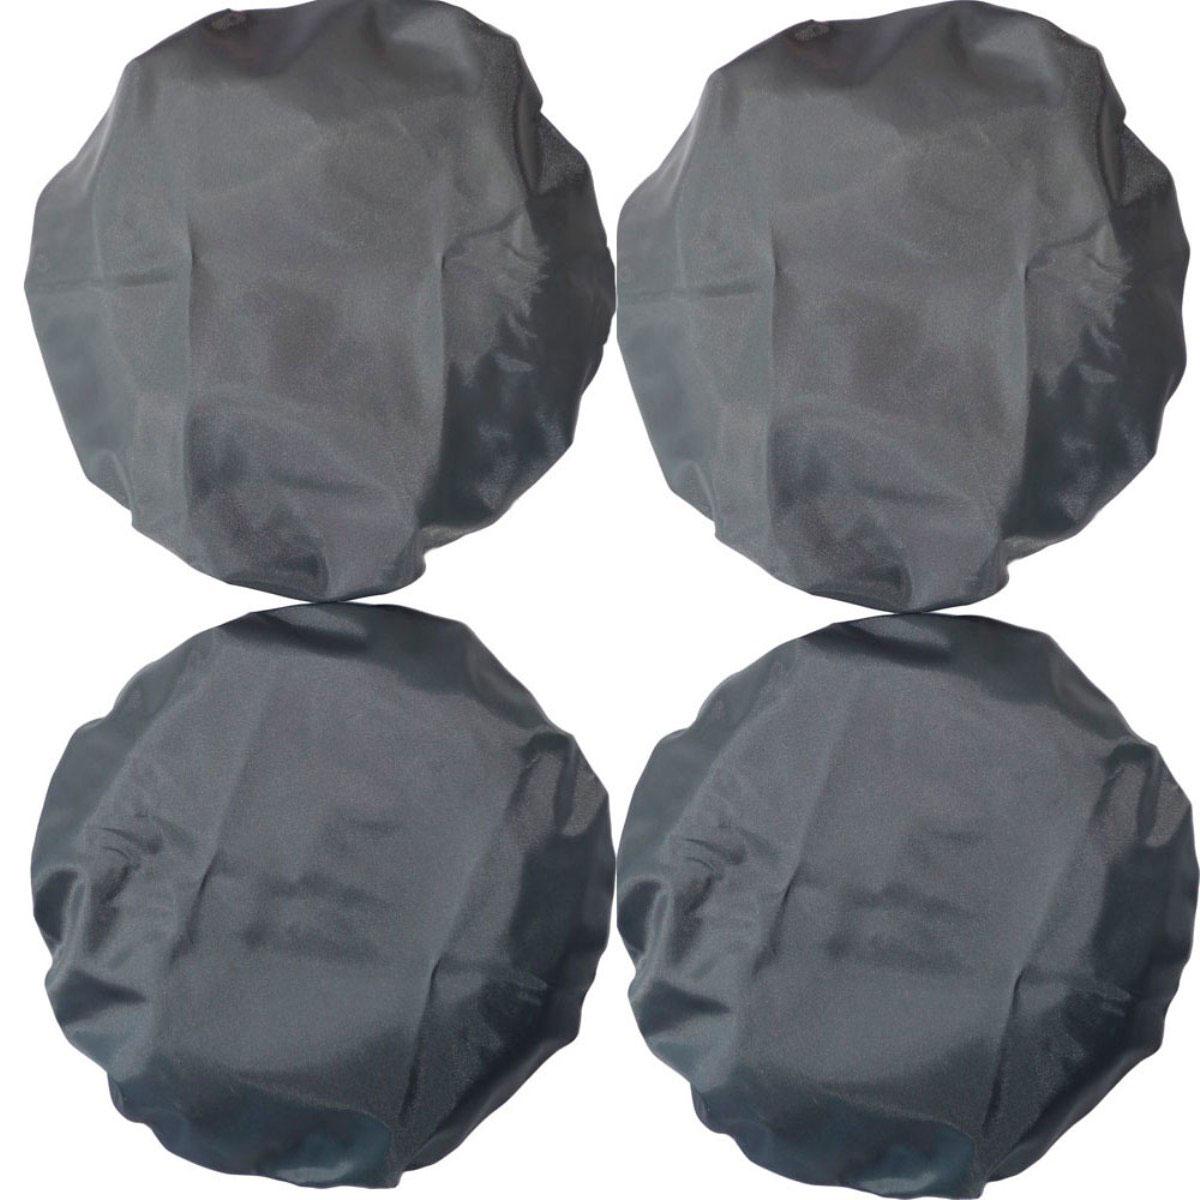 Чудо-Чадо Чехлы на колеса для коляски диаметр 18-28 см цвет мокрый асфальт 4 шт CHK02-001